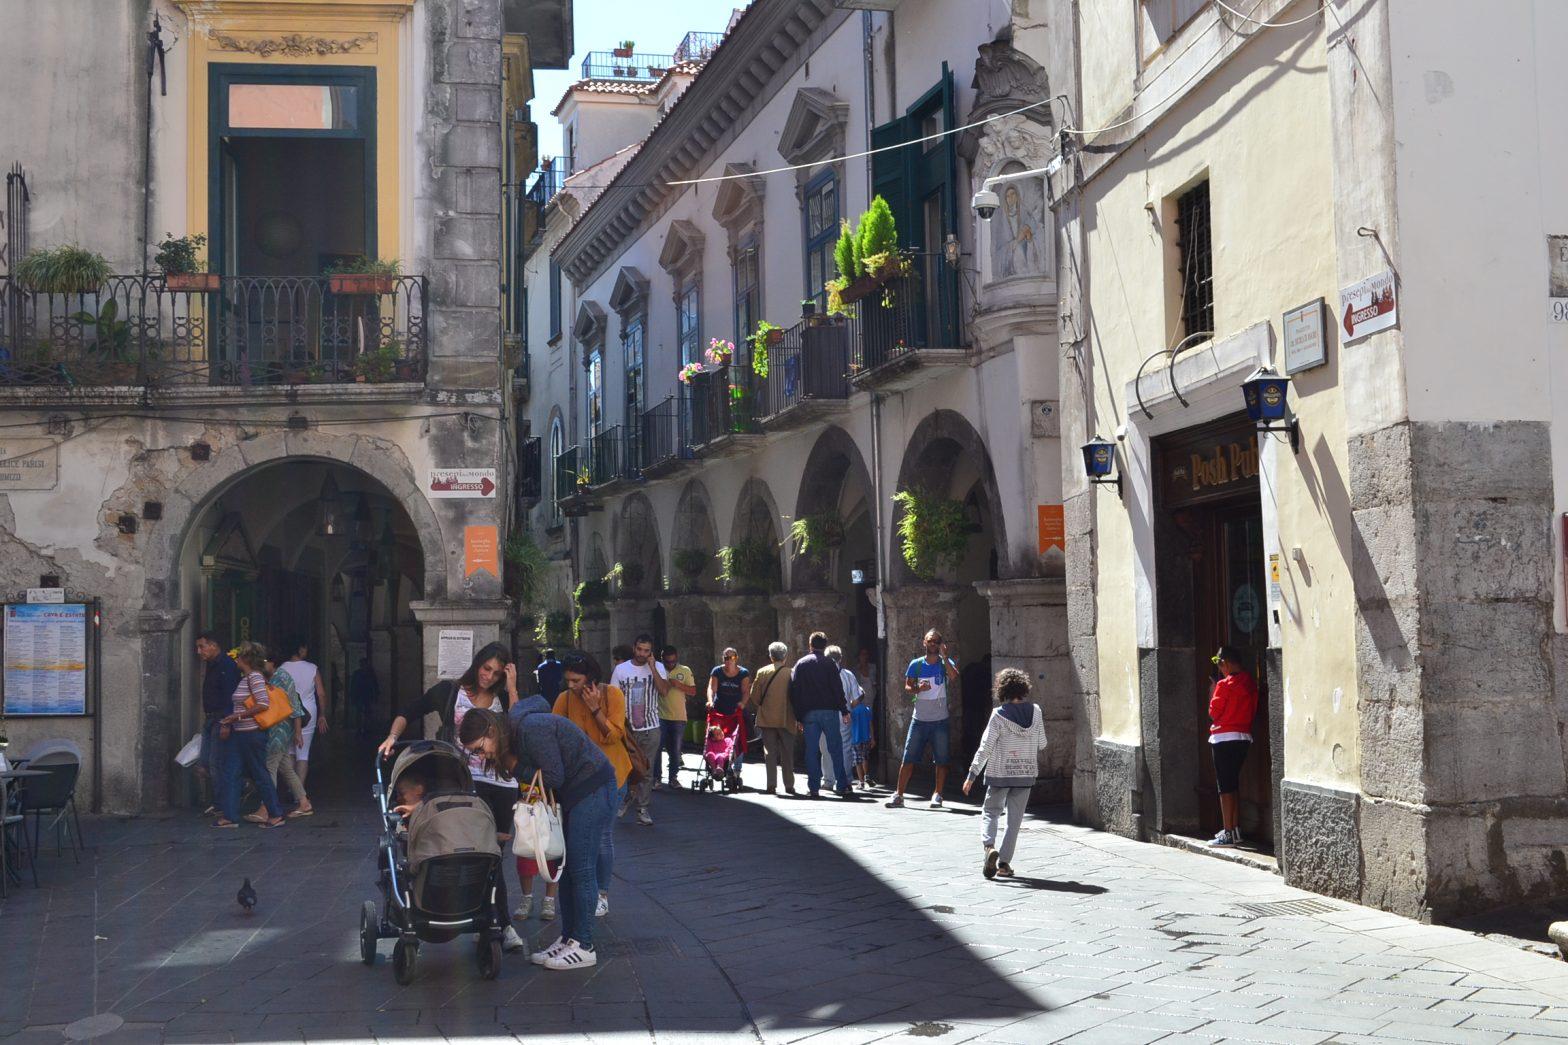 Centro storico di Cava de' Tirreni (Salerno)